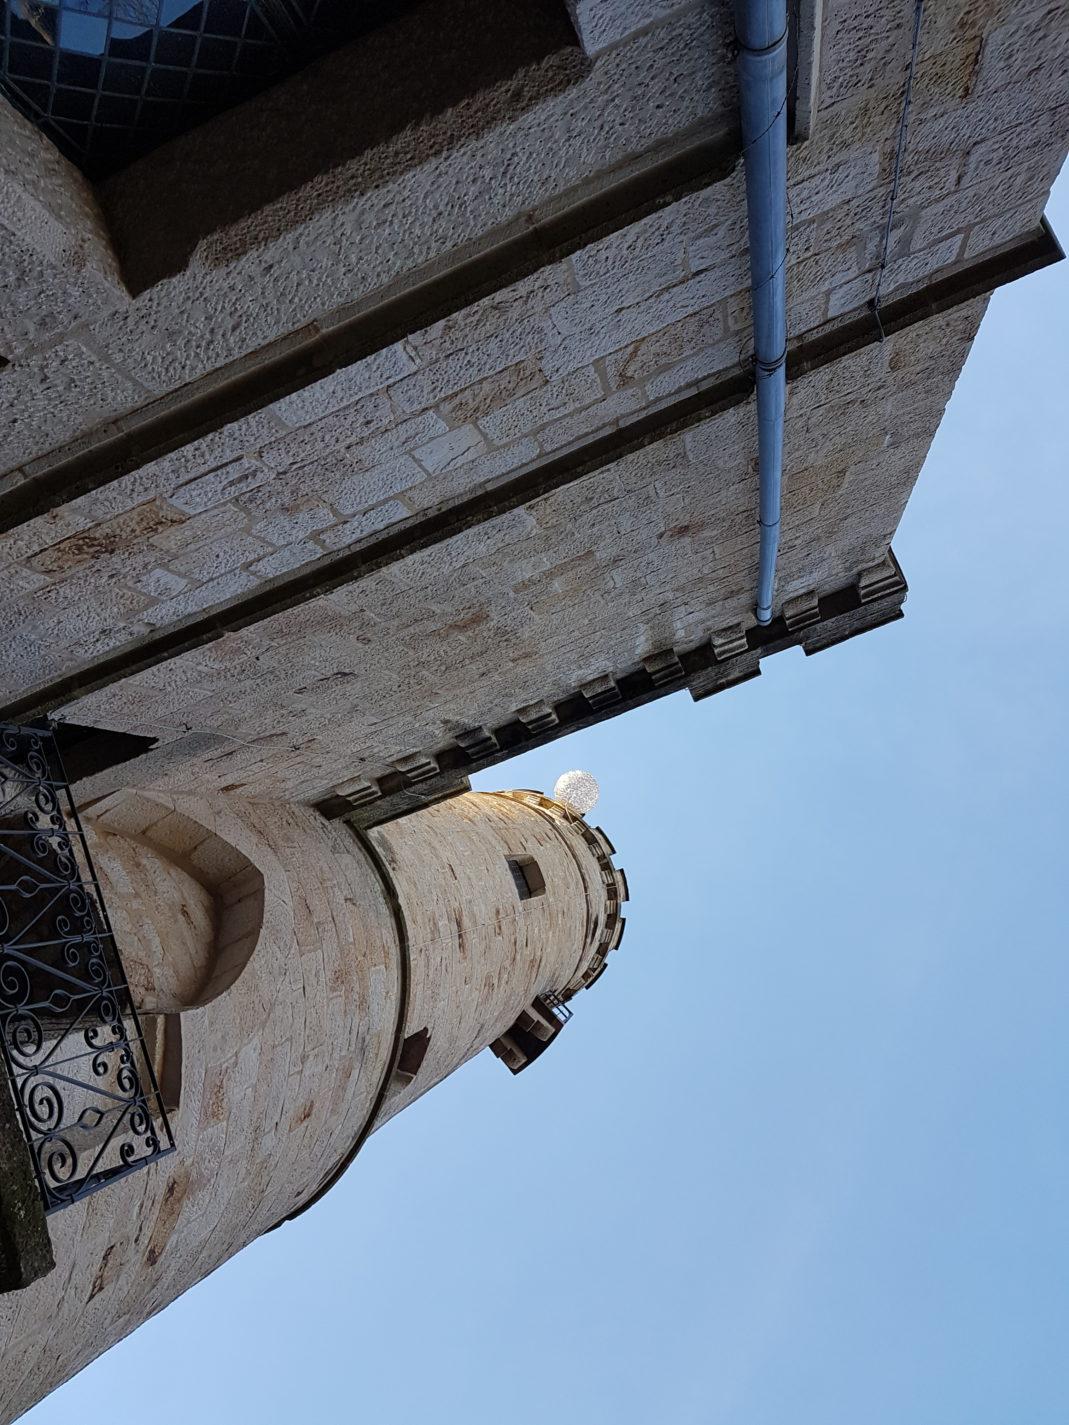 Ein letzter Blick auf den über 100 Jahre alten Tillyschanzenturm